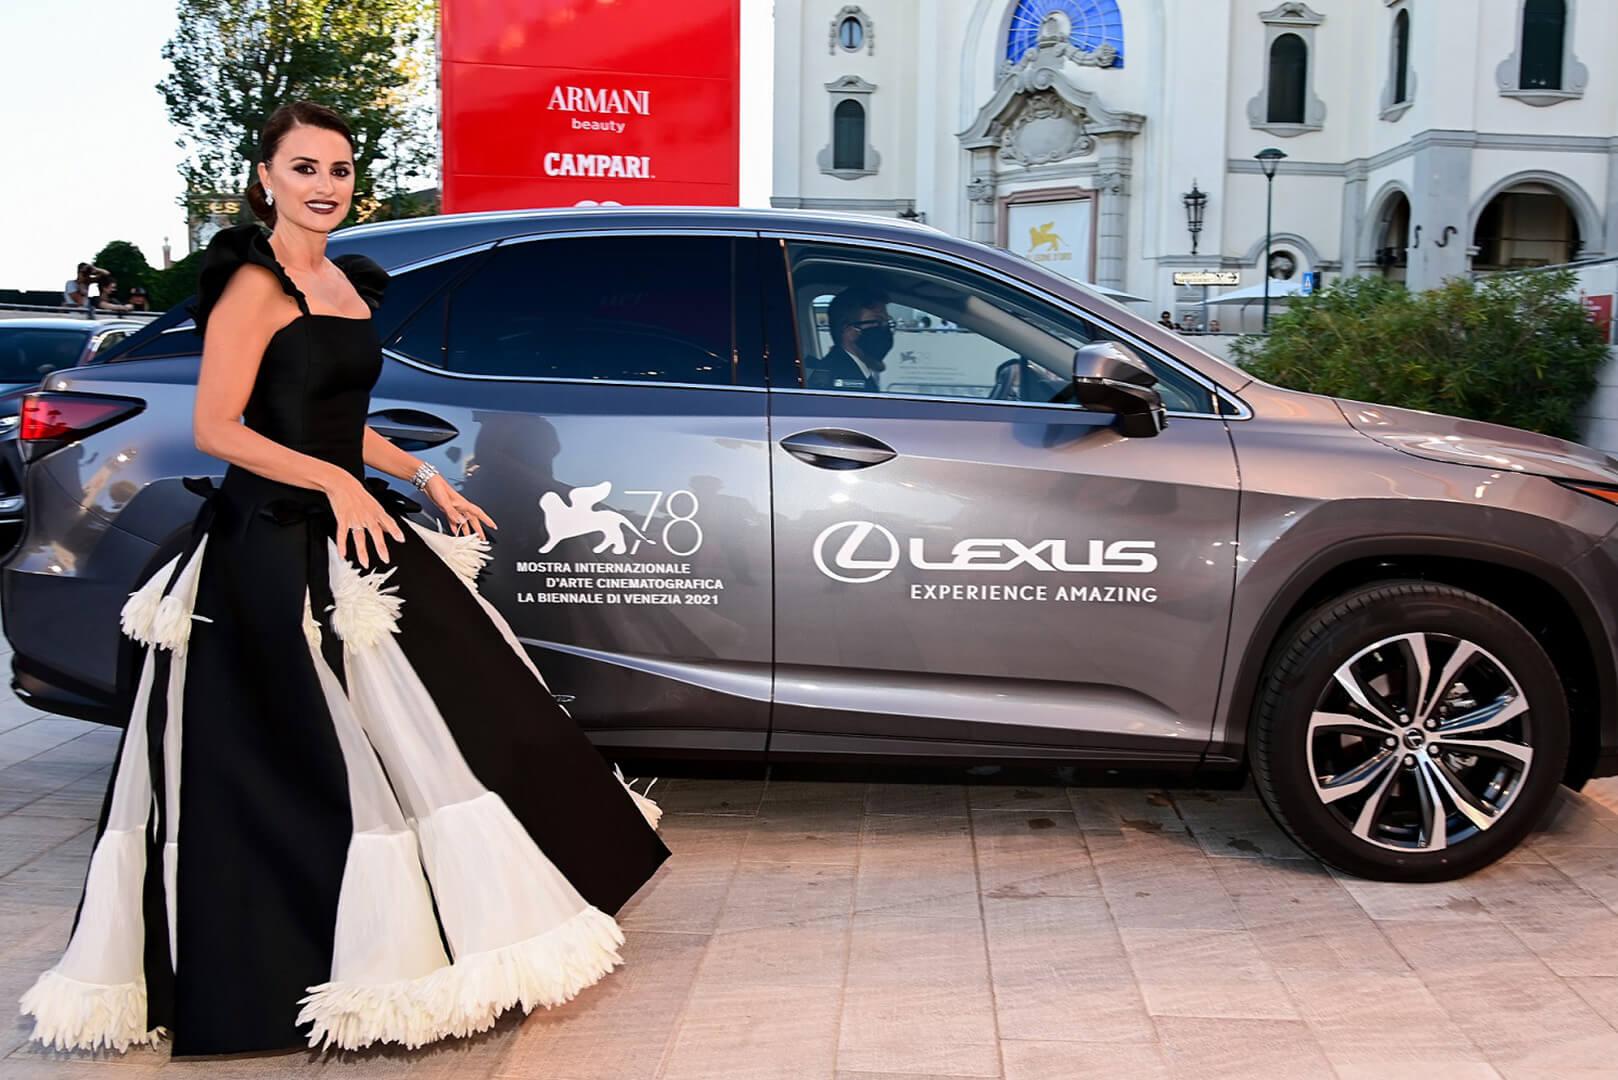 Lexus 78 Venedik Film Festivali'nde Yıldızları Ağırladı gallery06